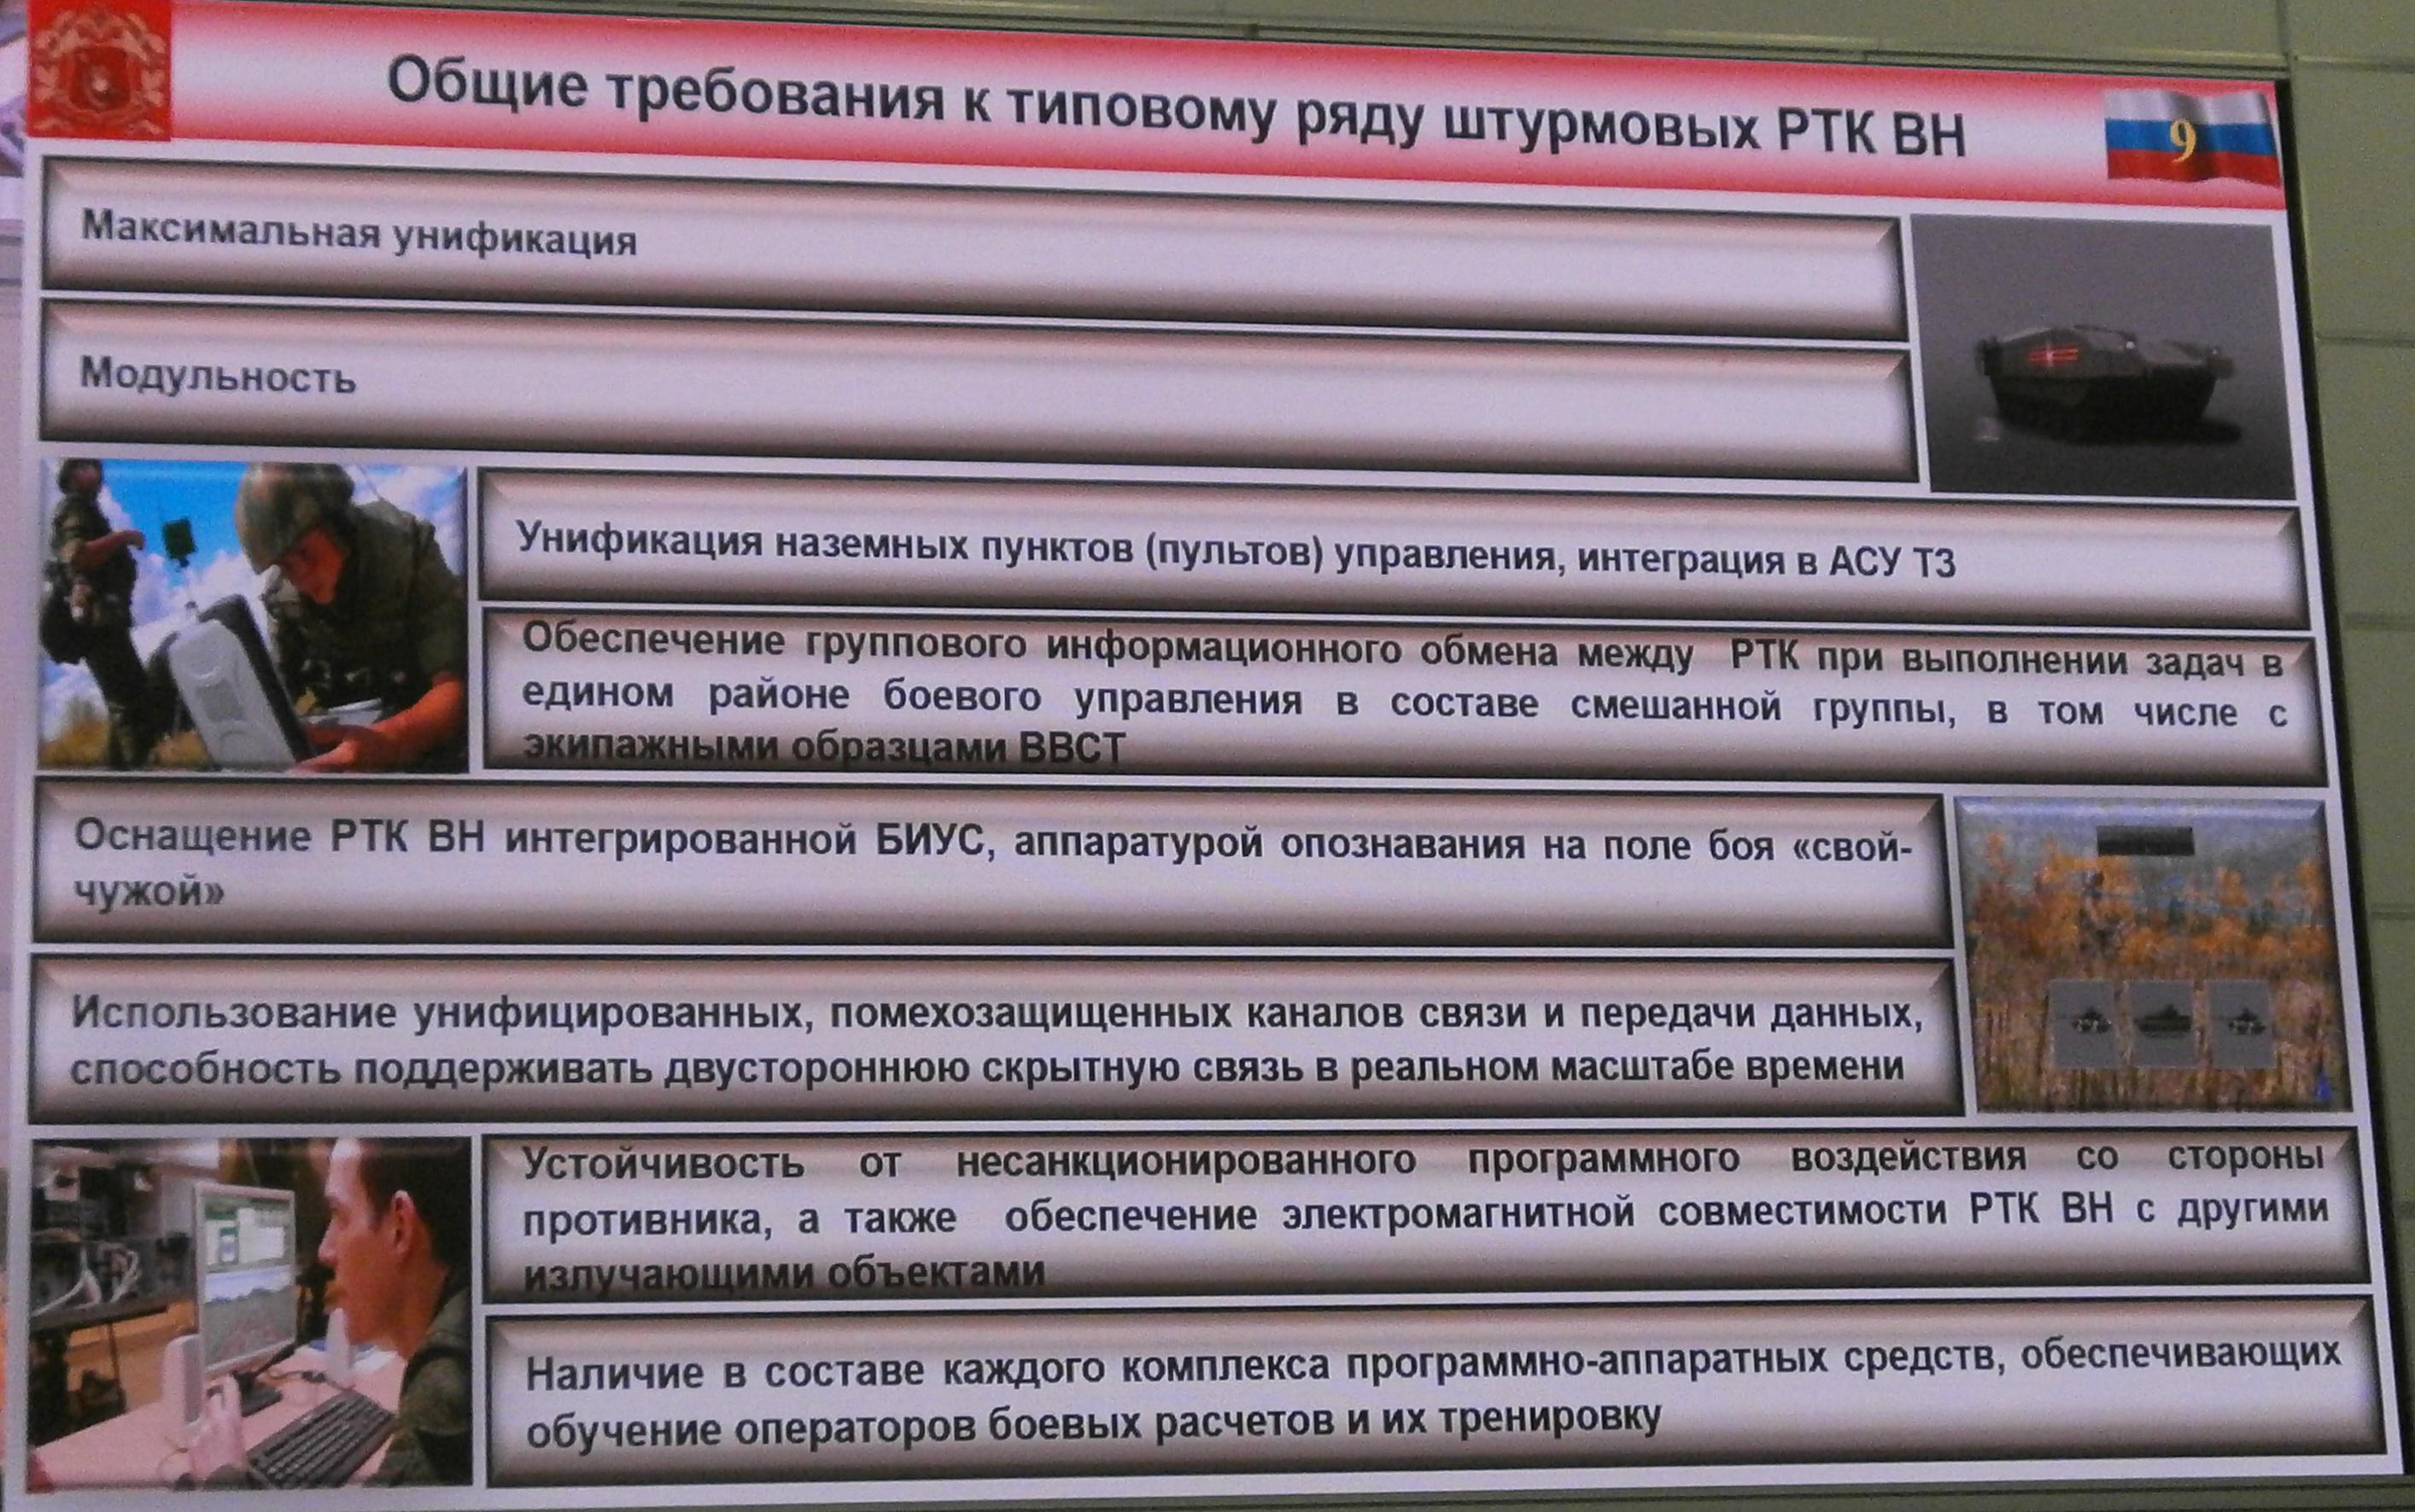 돌격형무인병기(Sh RTK VN)에 요구되는 사항